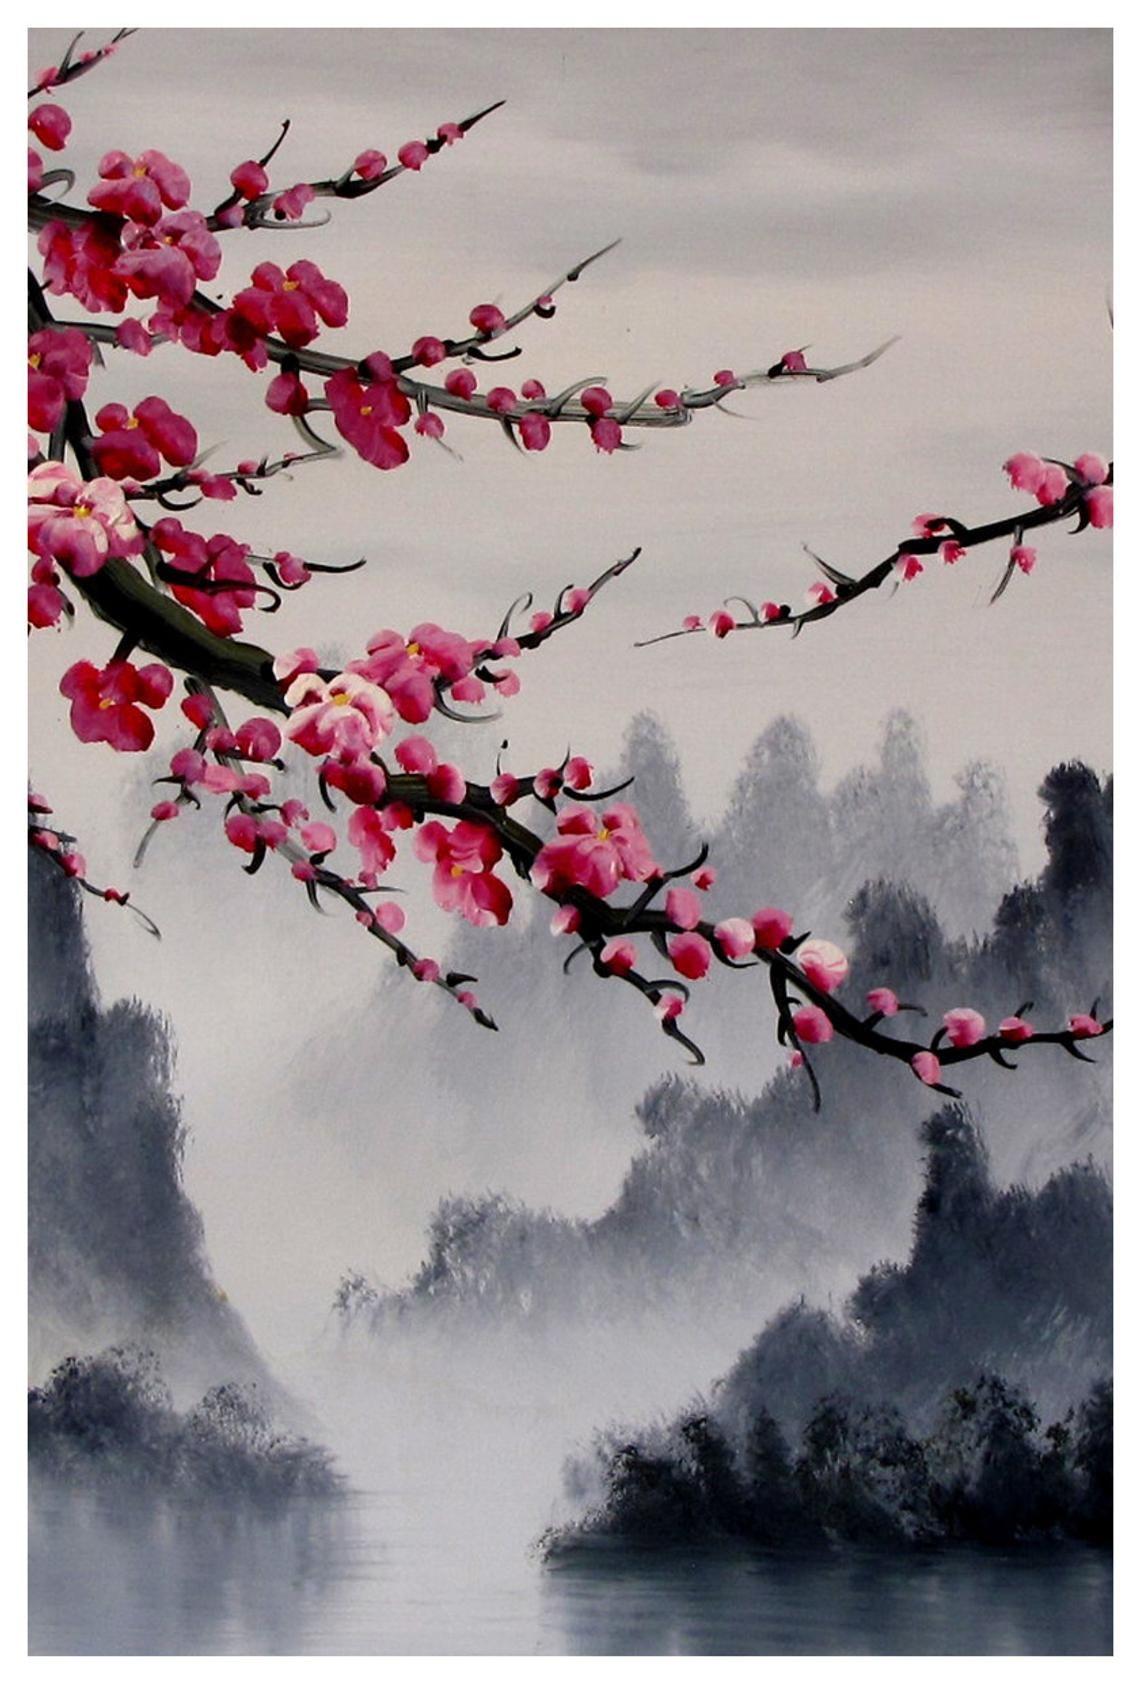 Kirschblüte Kunst, Wandbild Kirschblüte, kirschblüte